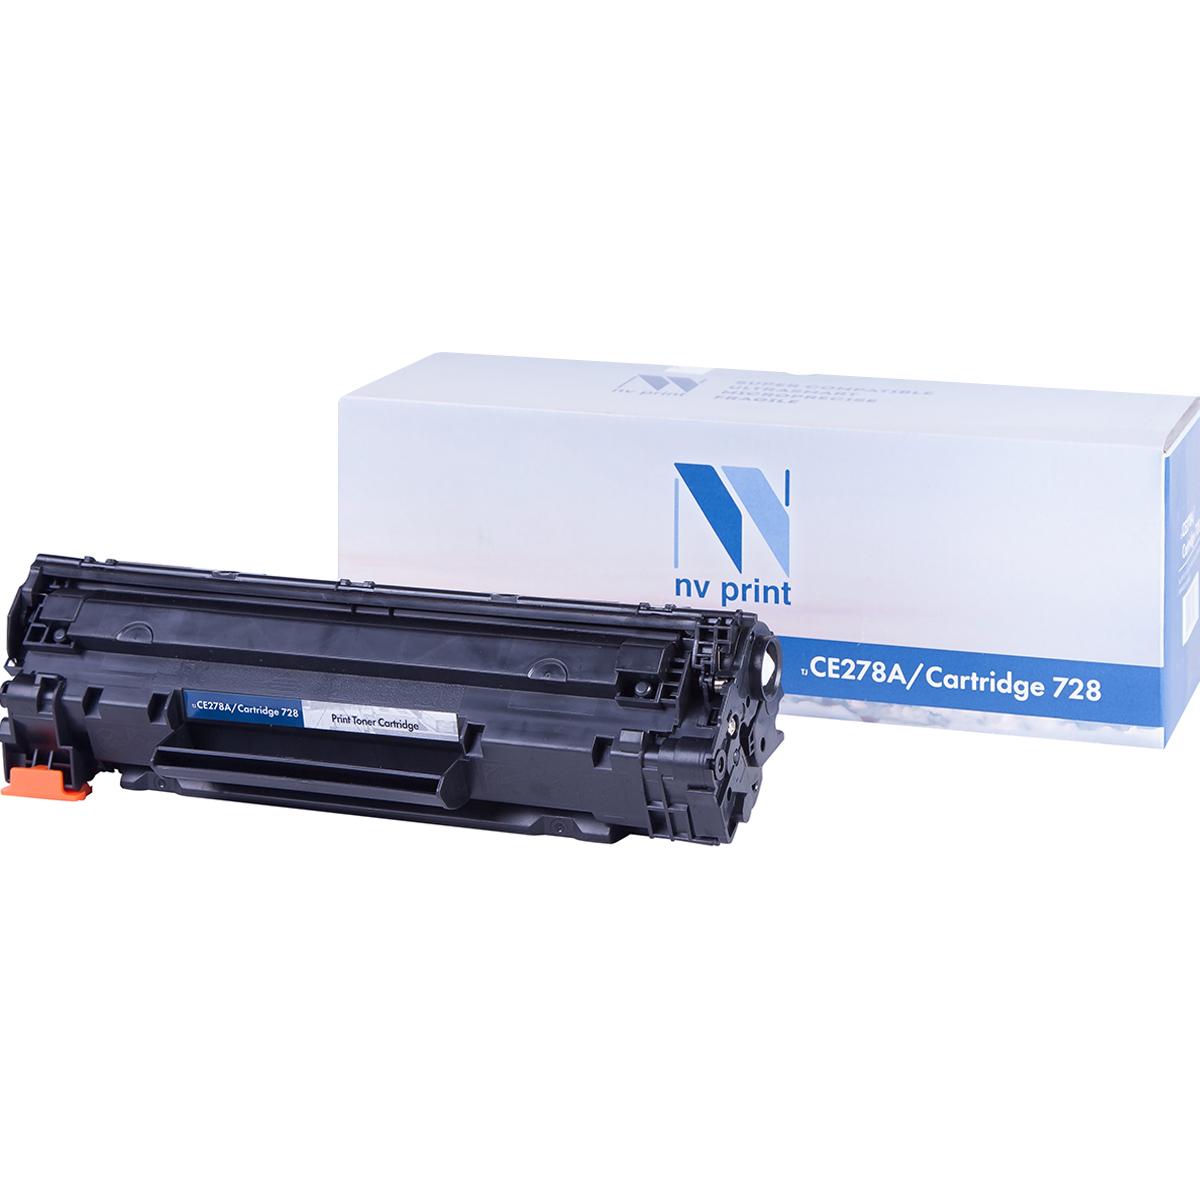 Картридж для лазерного принтера NV Print CE278A черный